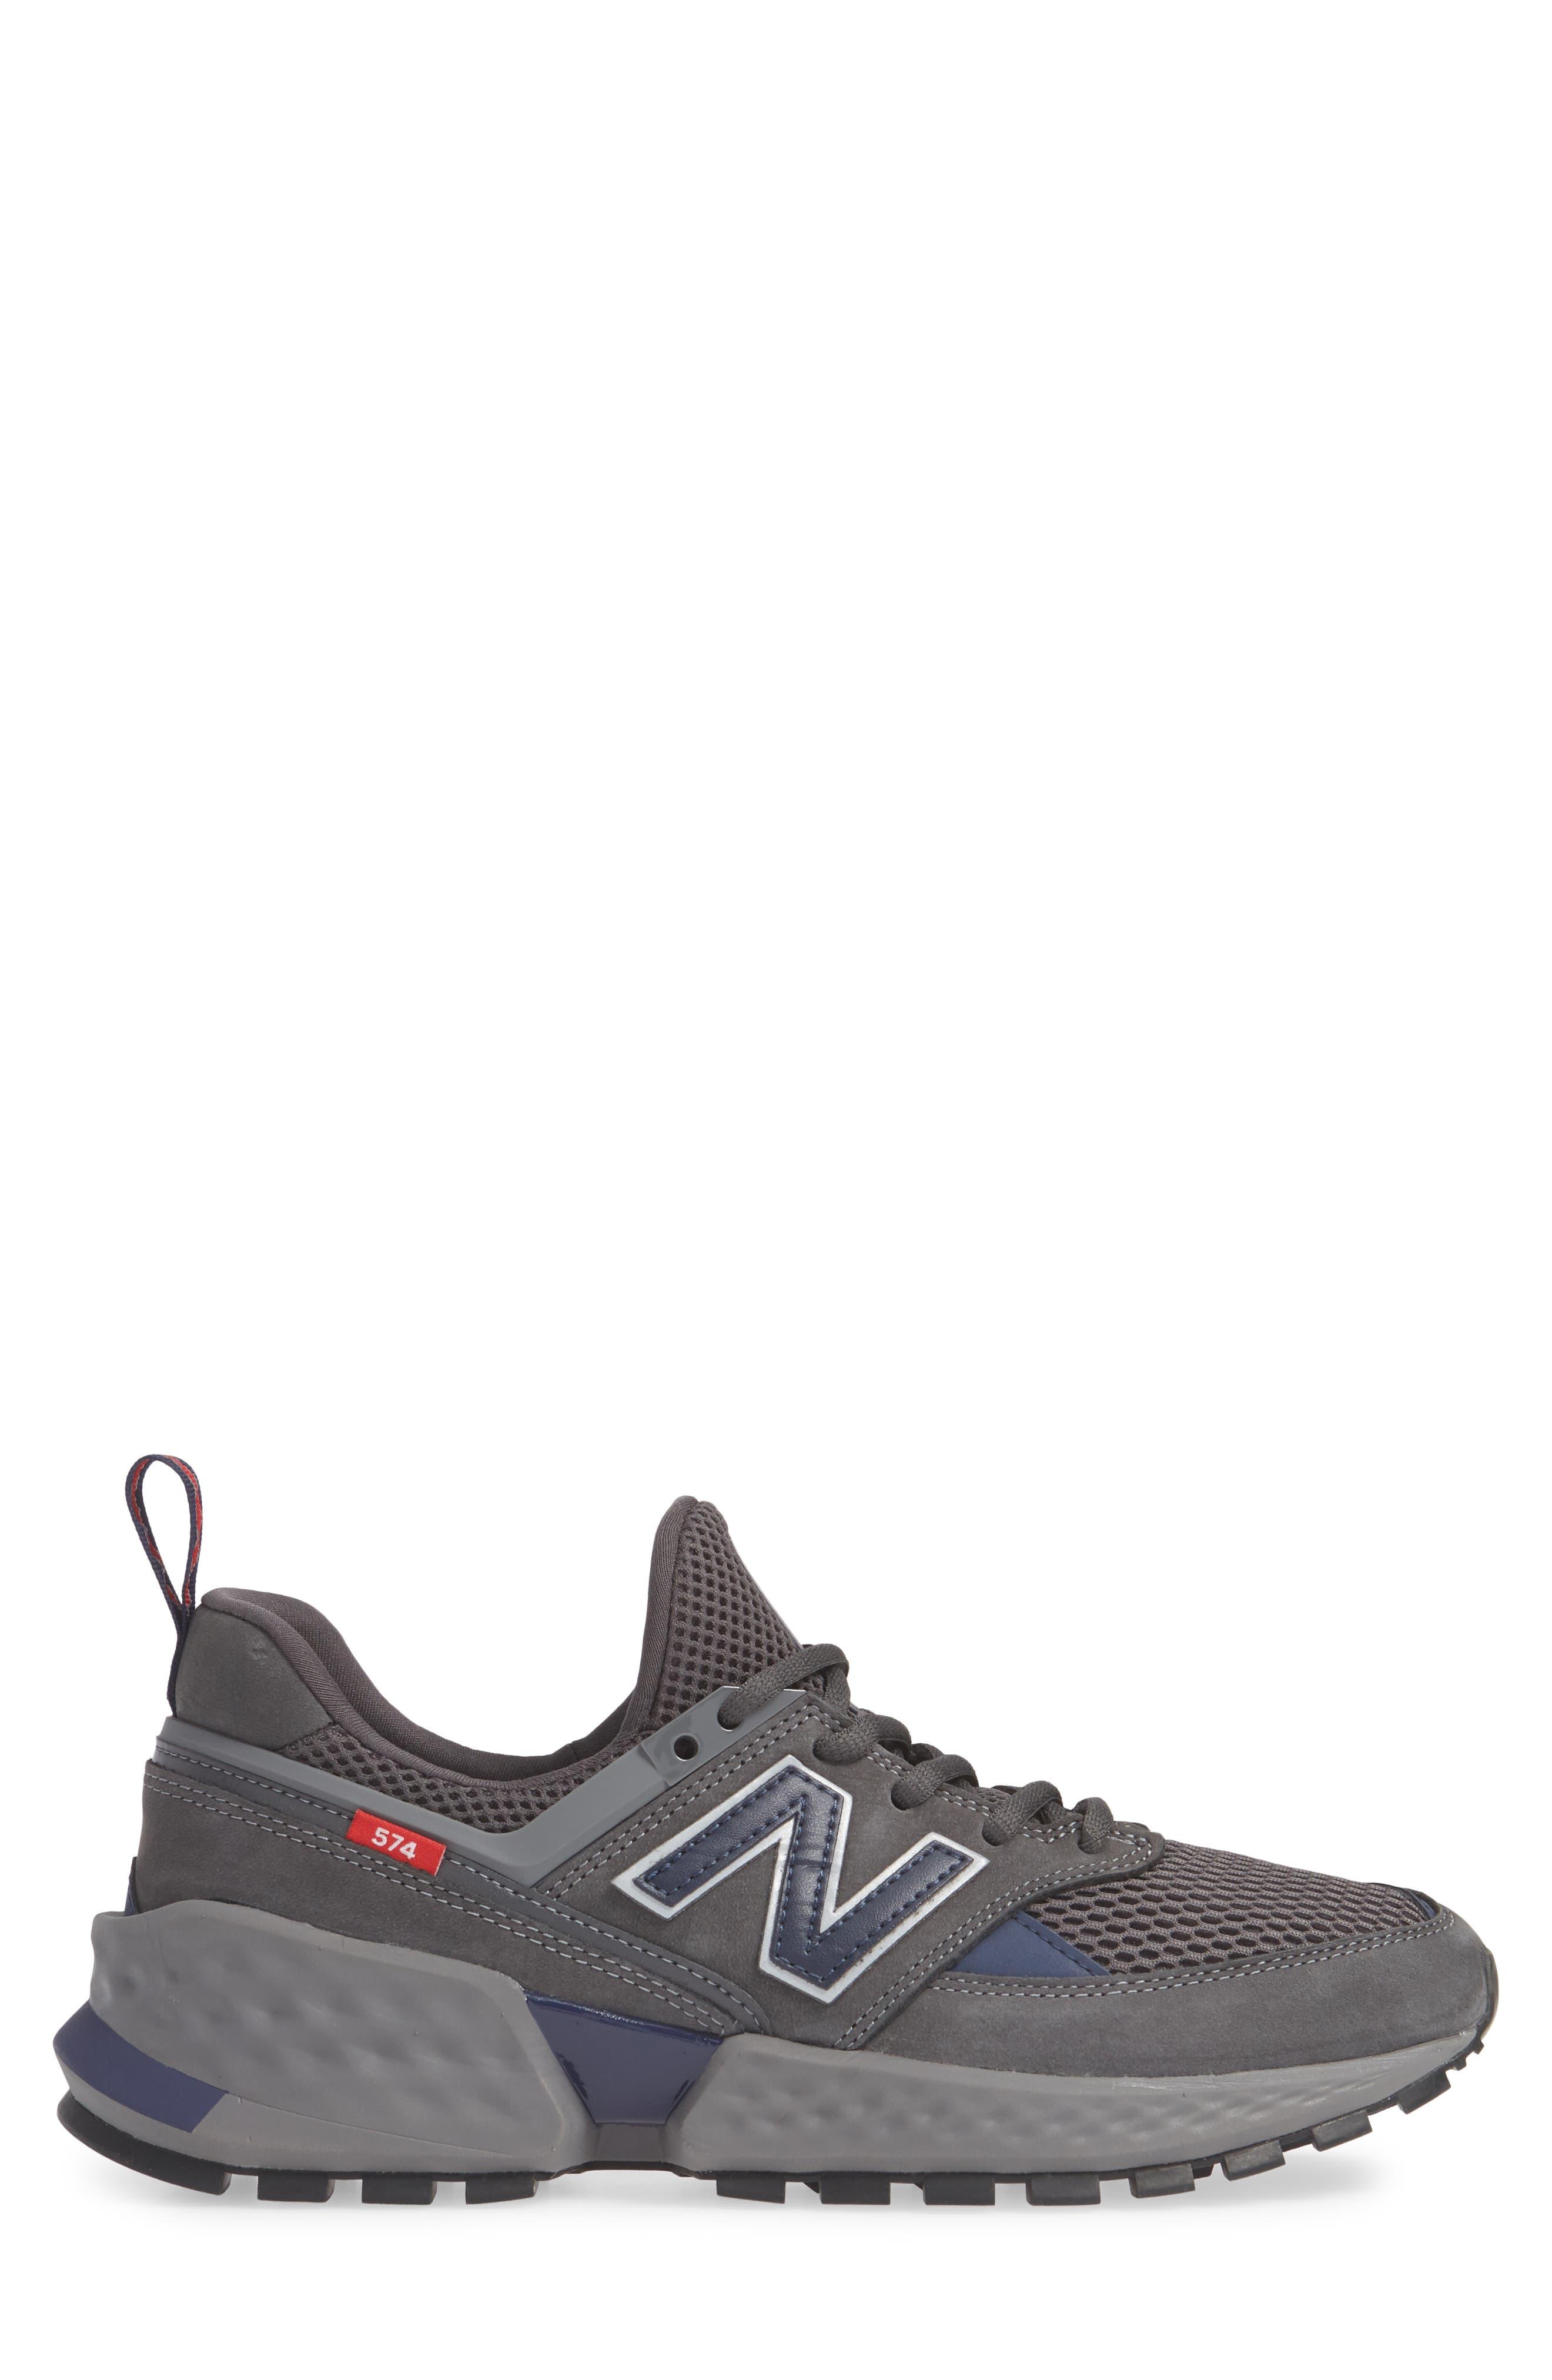 NEW BALANCE, 574 Sport Sneaker, Alternate thumbnail 3, color, MAGNET